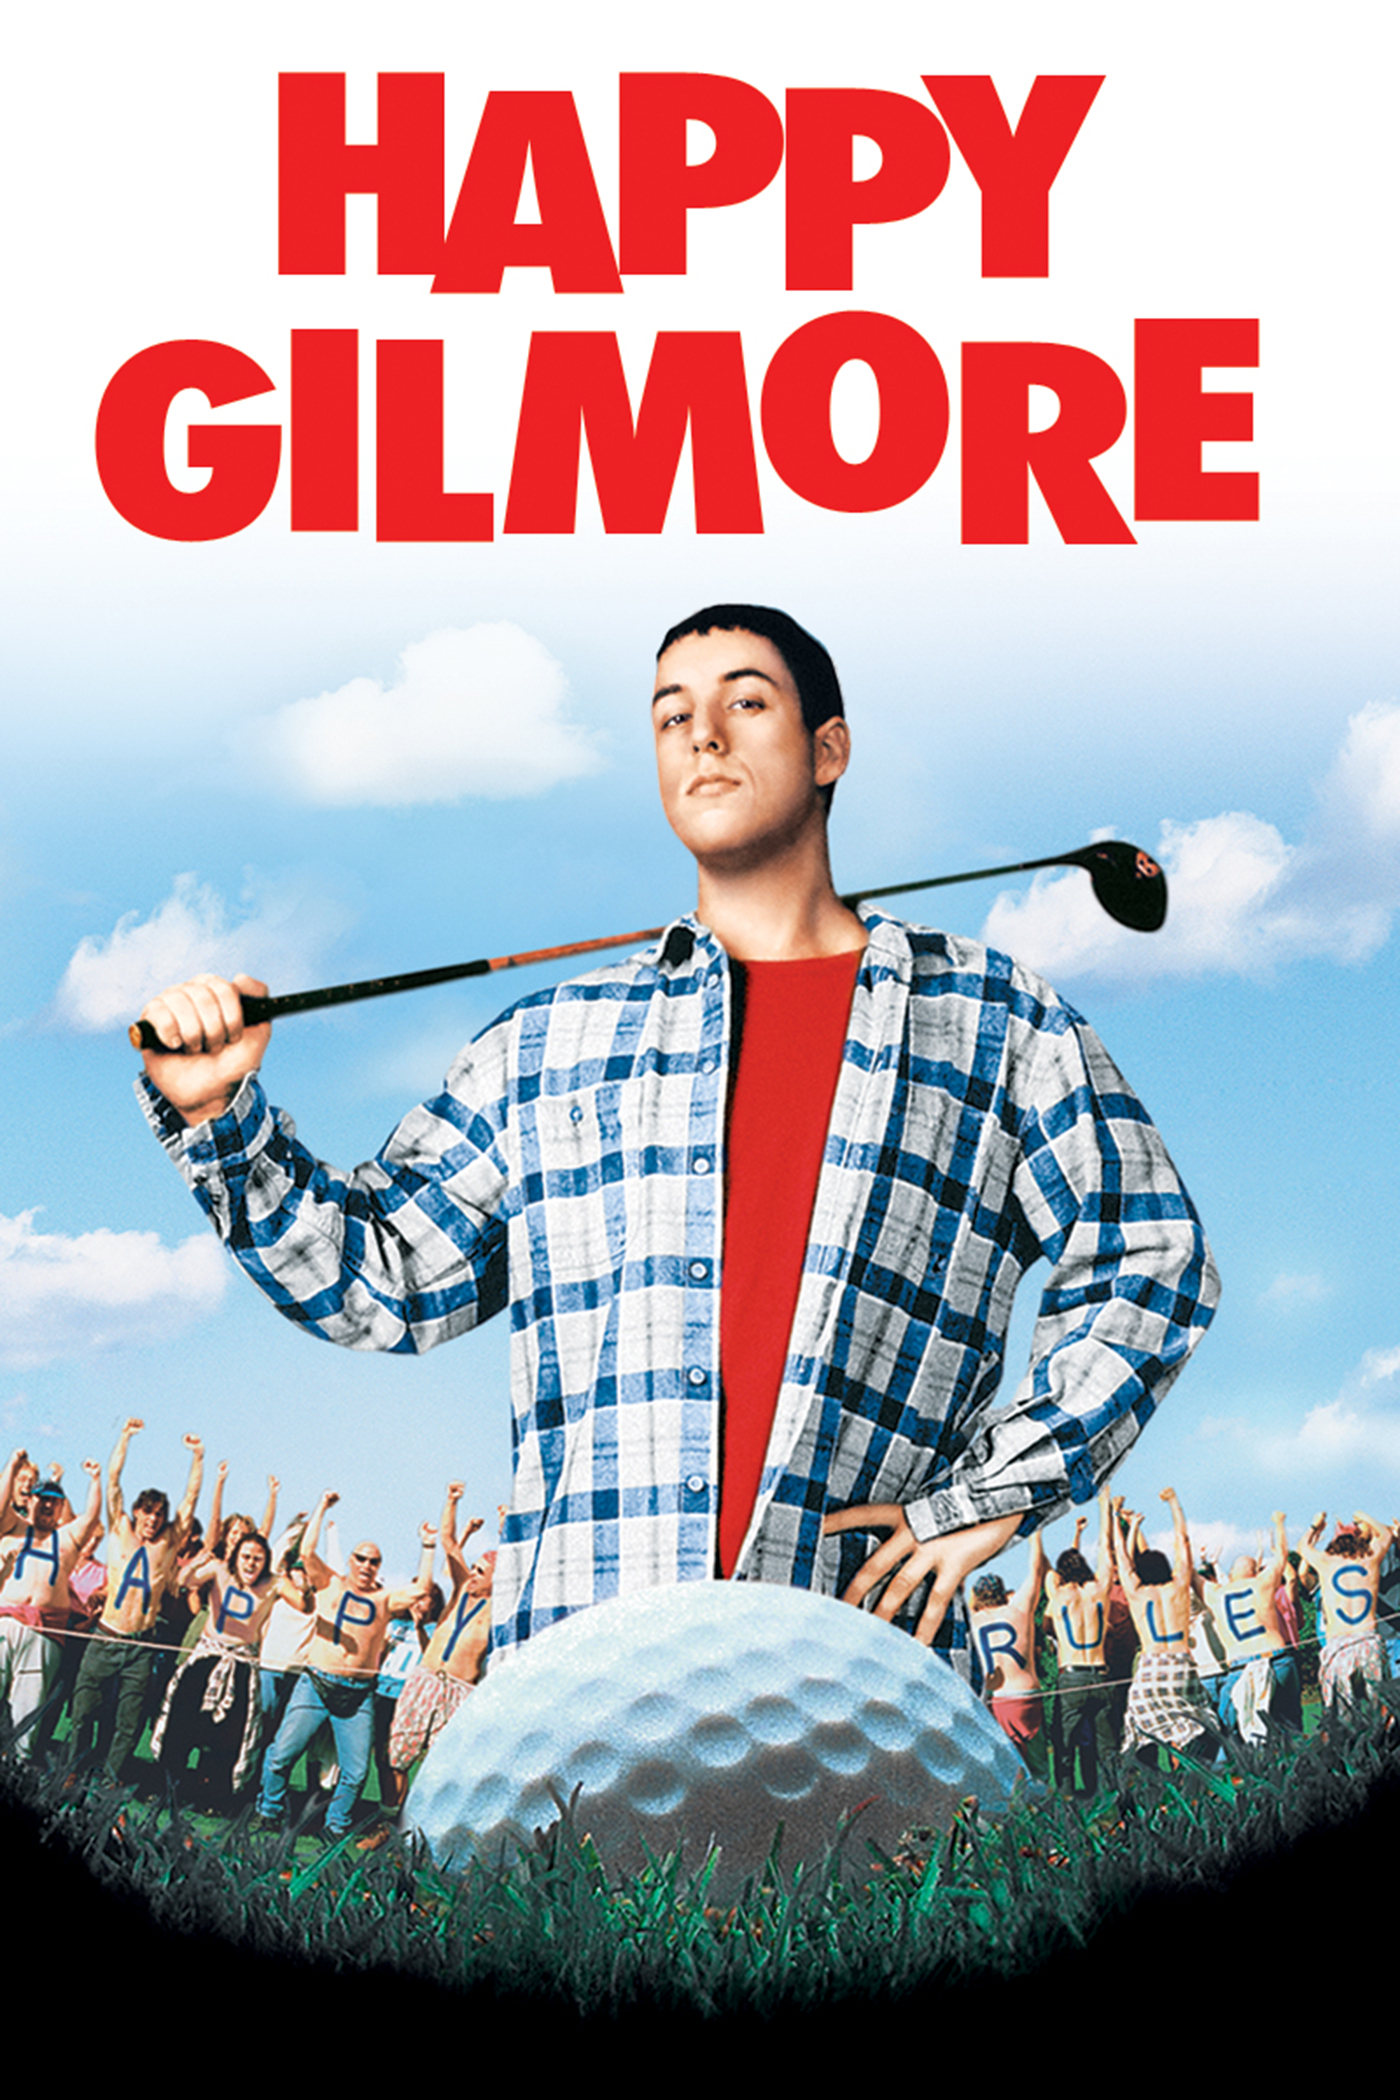 Adam Sandler Golf Movie Quotes